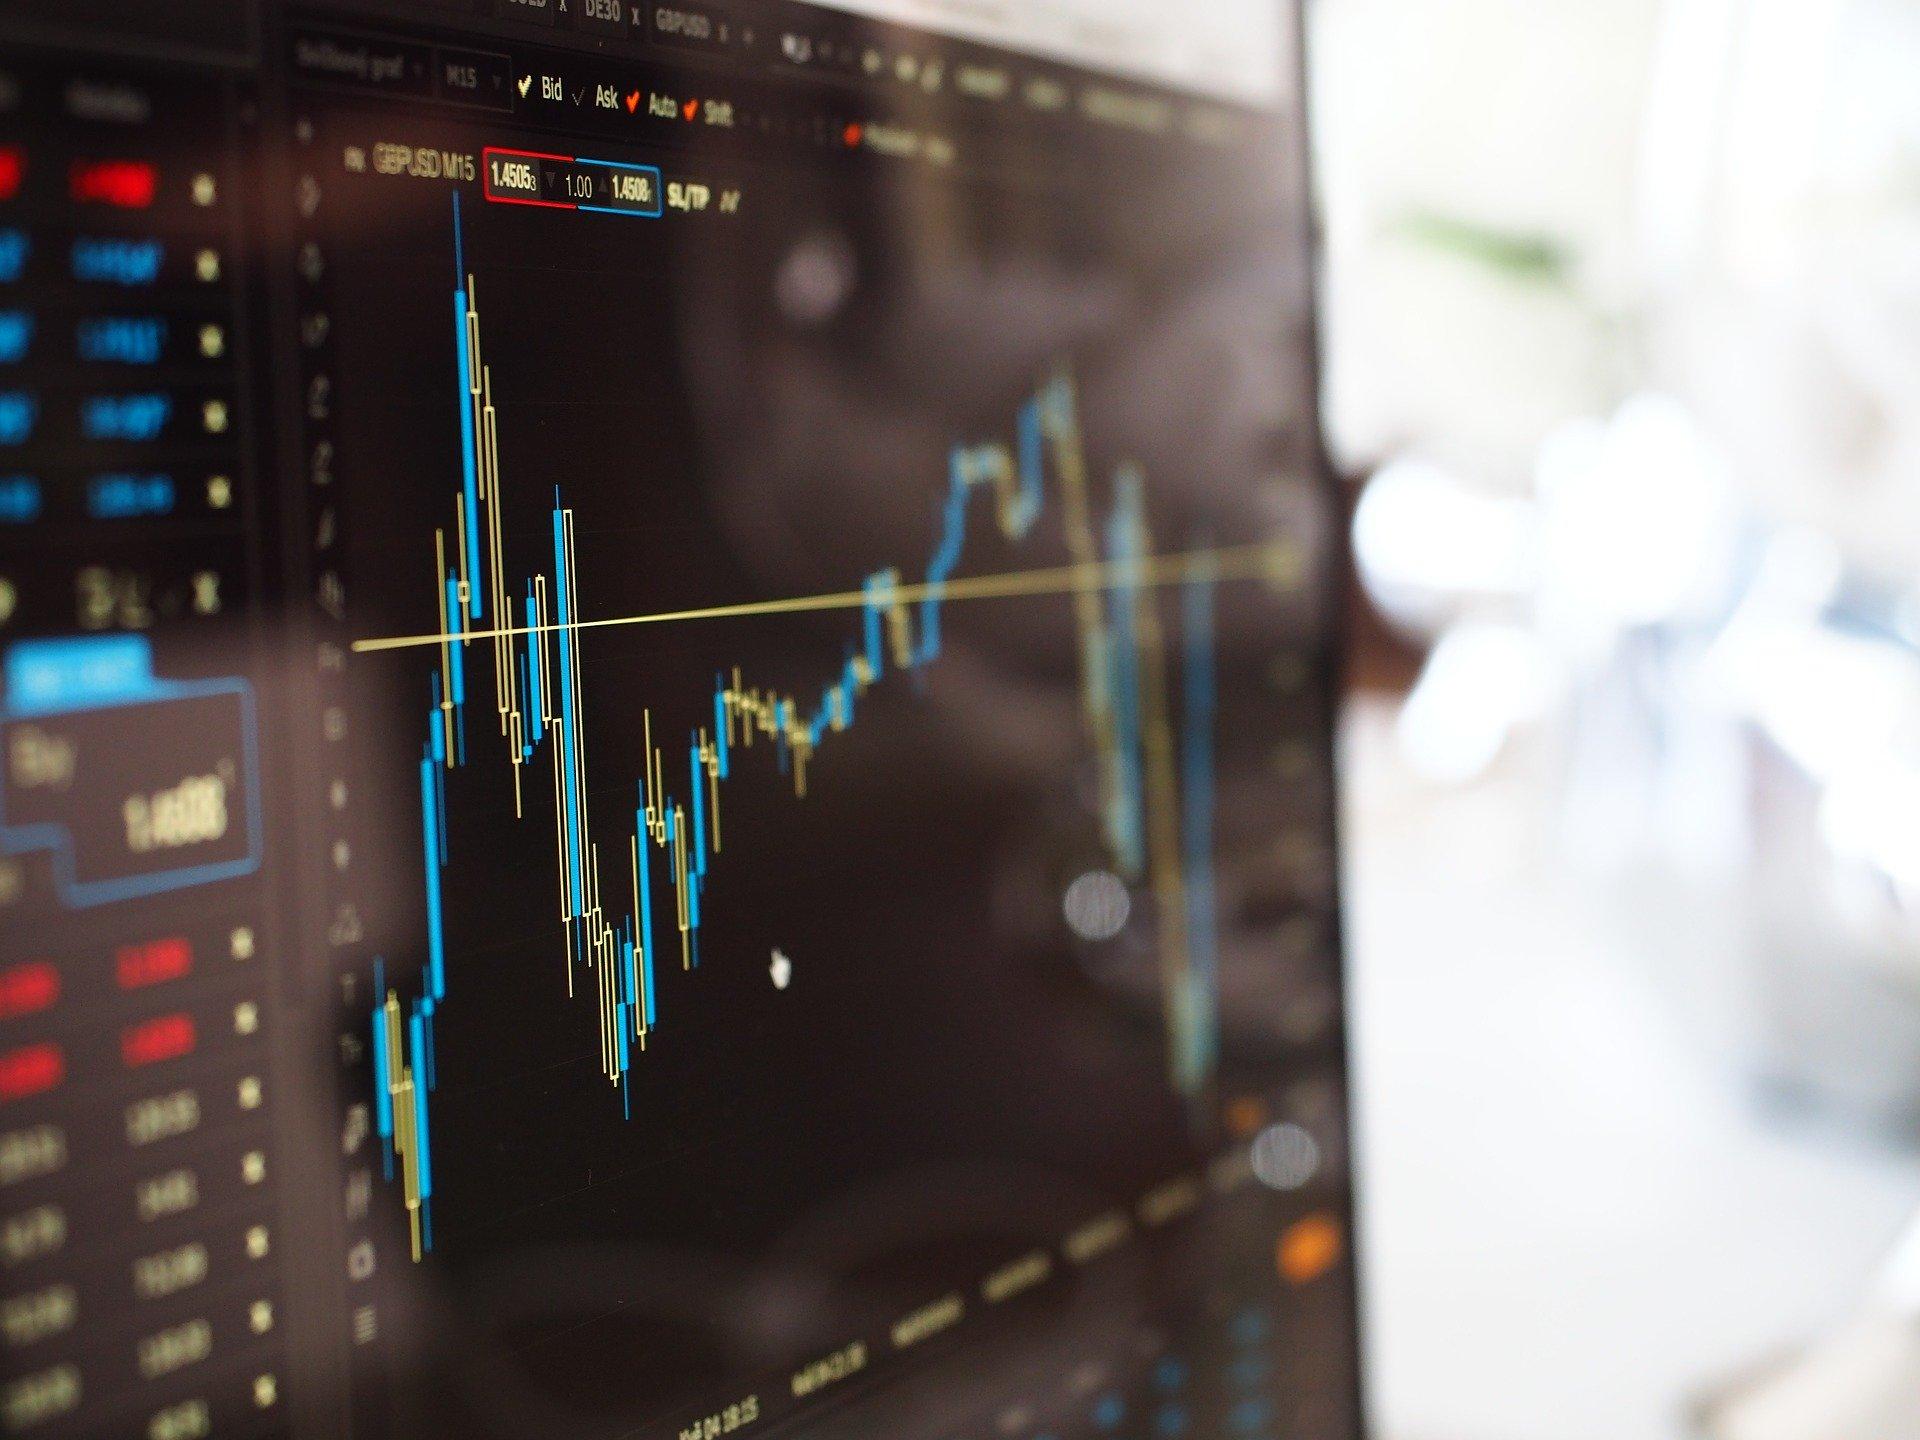 Finanza ordinaria e agevolata: le novità 2020 per le imprese che vogliono investire